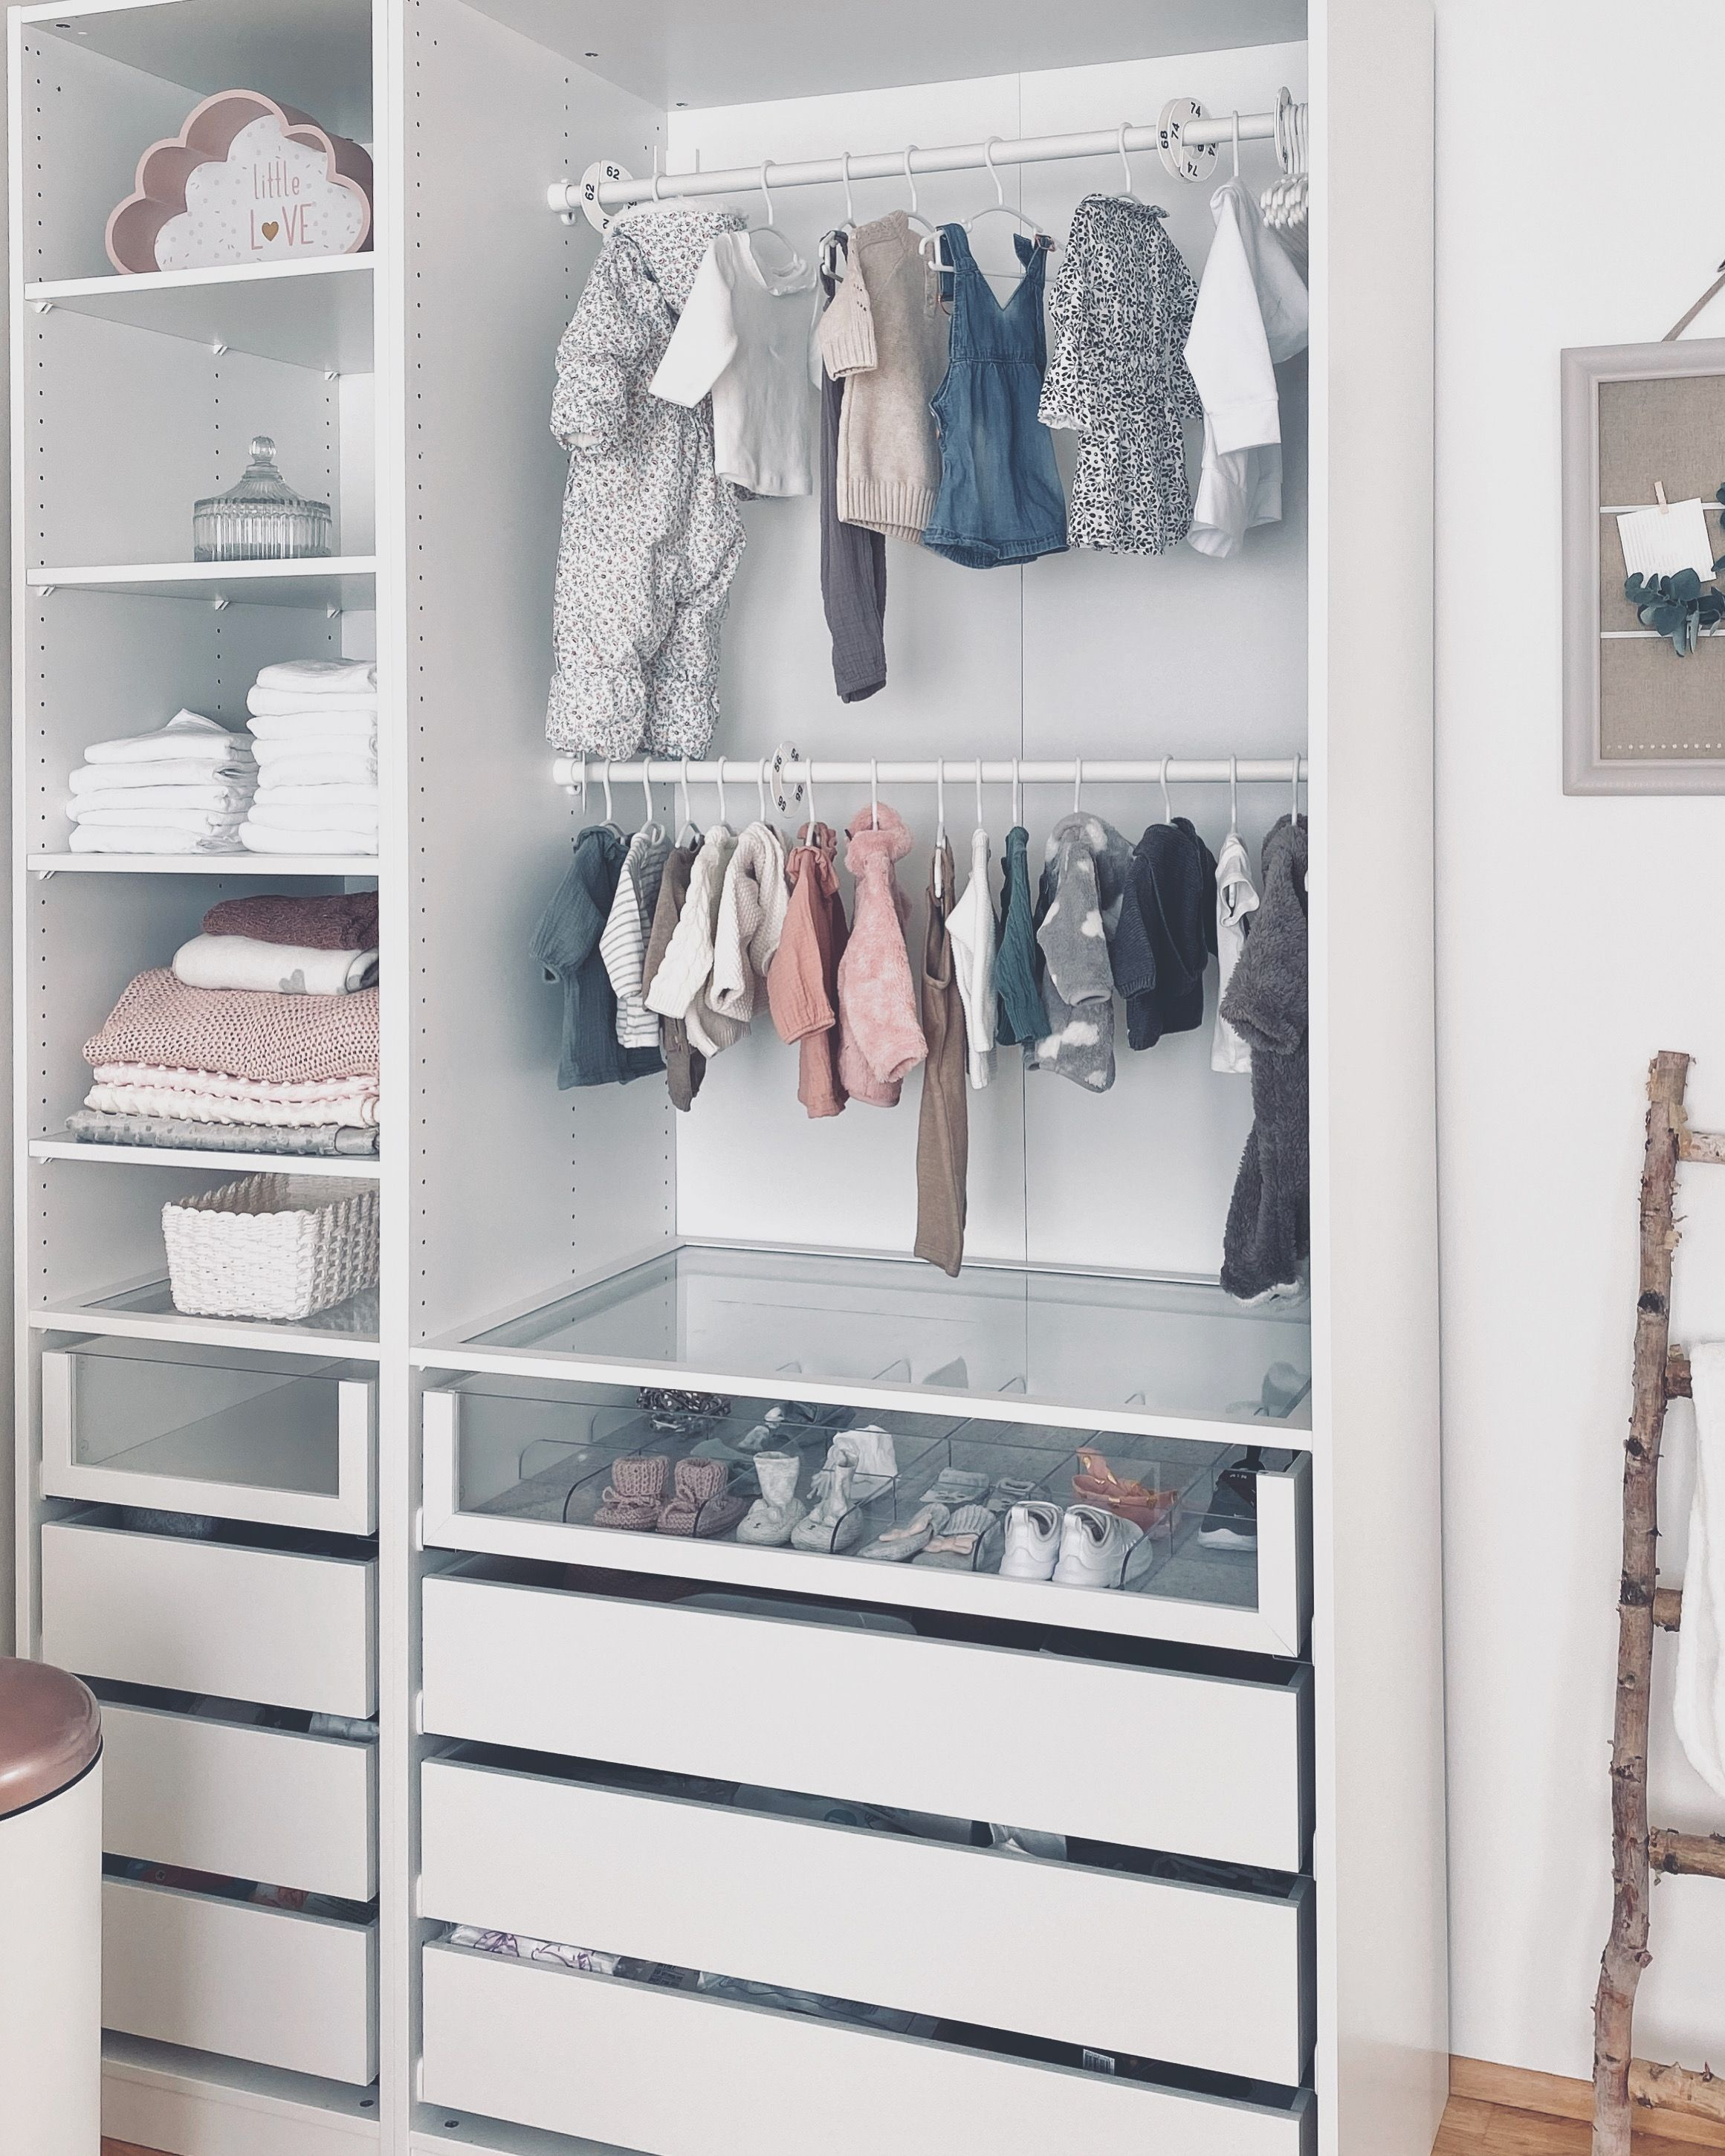 Ikea Pax Baby Kleiderschrank Wardrobe Babyroom Babyroomdecor Babyroomideas Babyzimmer Bab Baby Kleiderschrank Kleiderschrank Kinderzimmer Ikea Babyzimmer